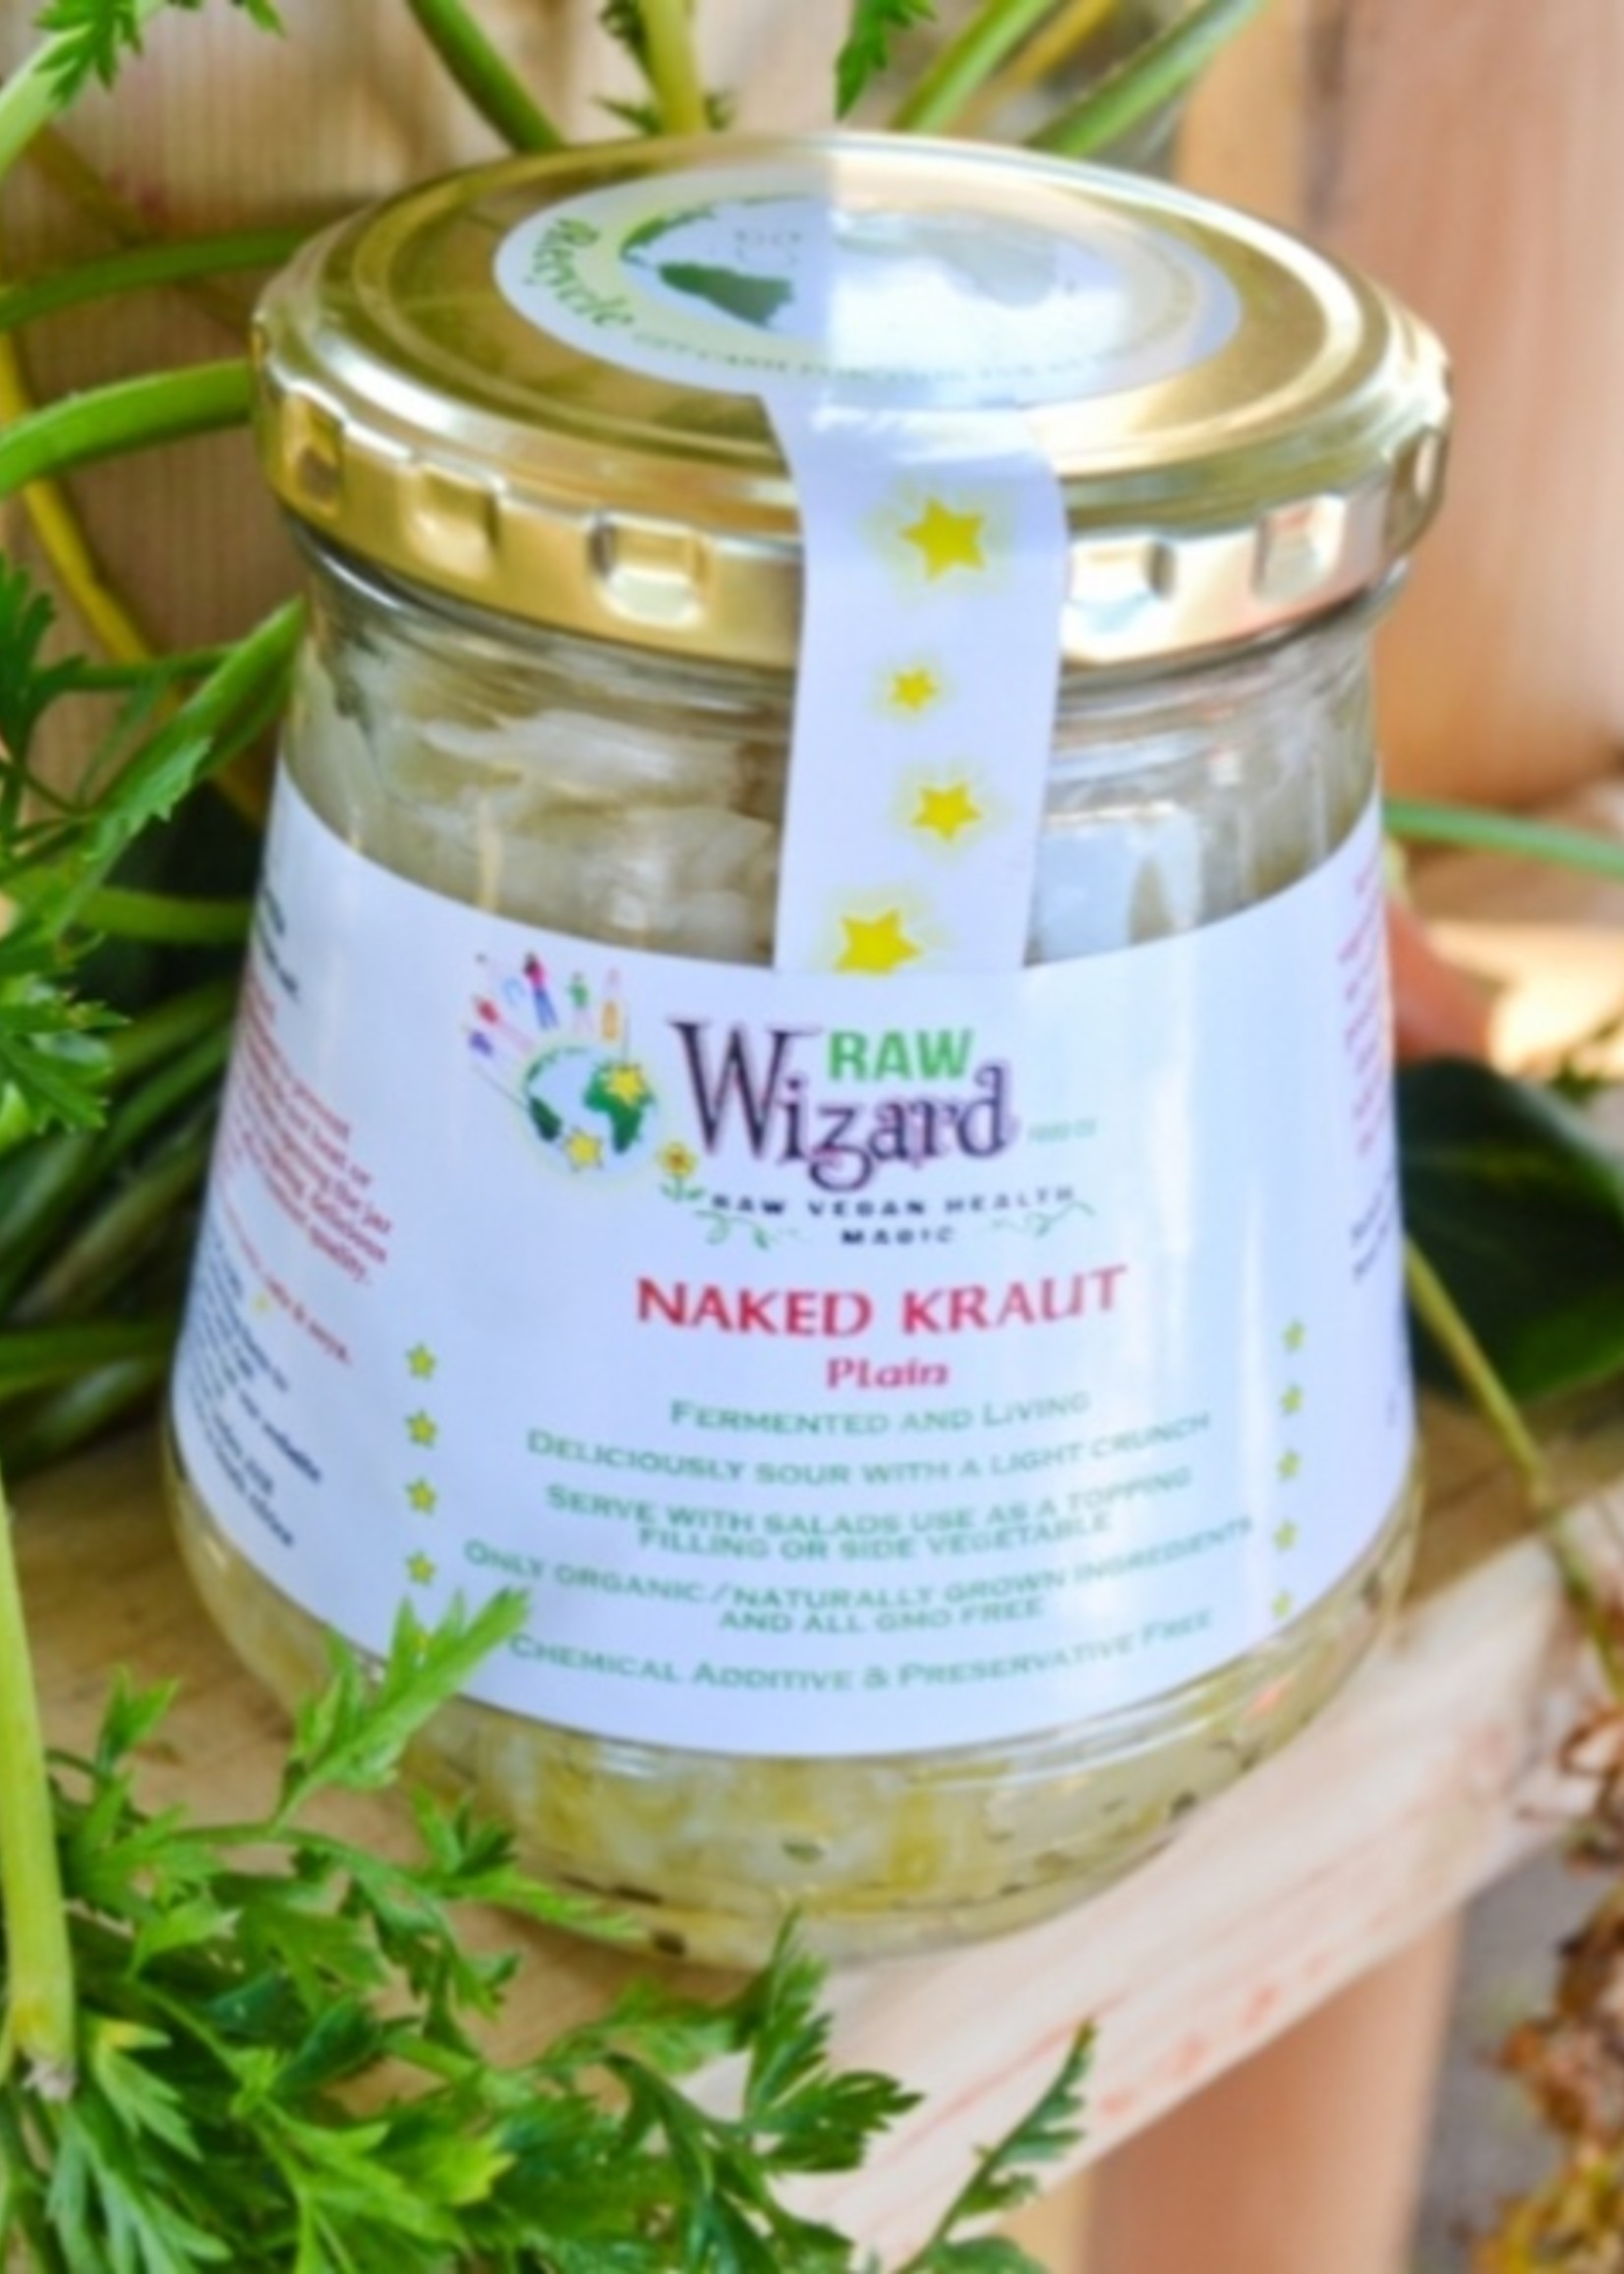 Raw Wizard Raw Wizard - Naked kraut